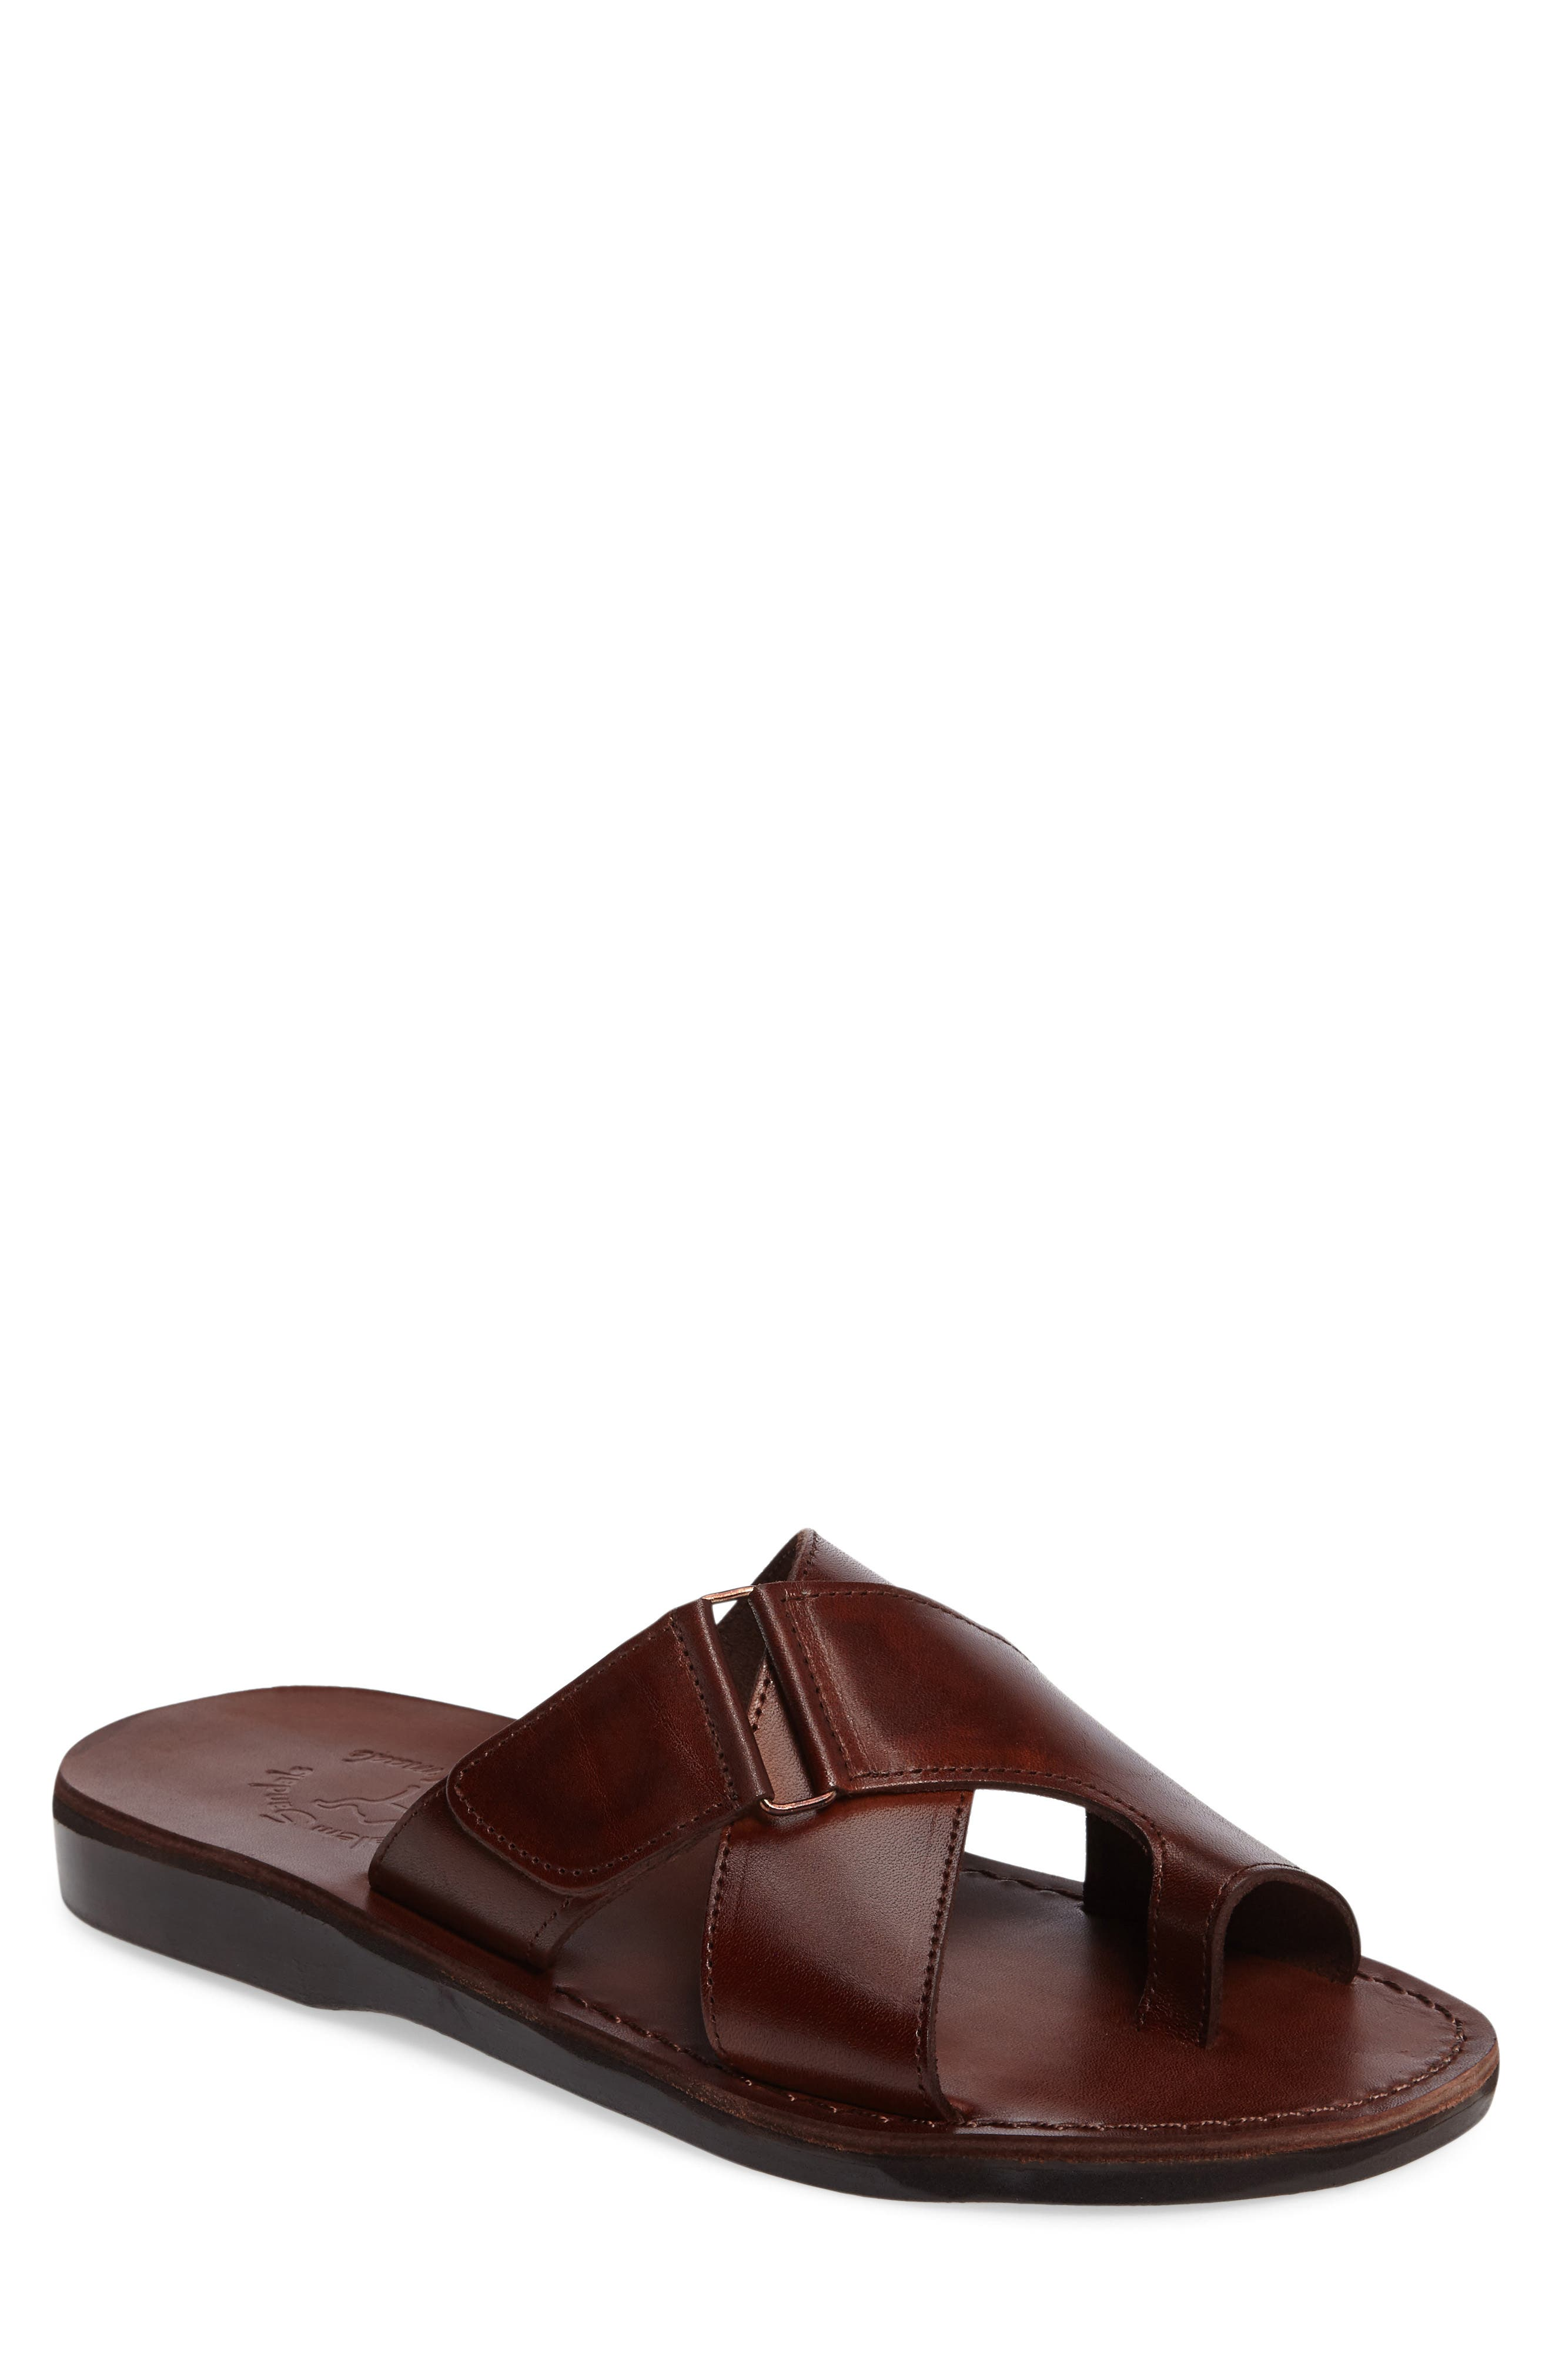 JERUSALEM SANDALS Asher Slide Sandal, Main, color, BROWN LEATHER